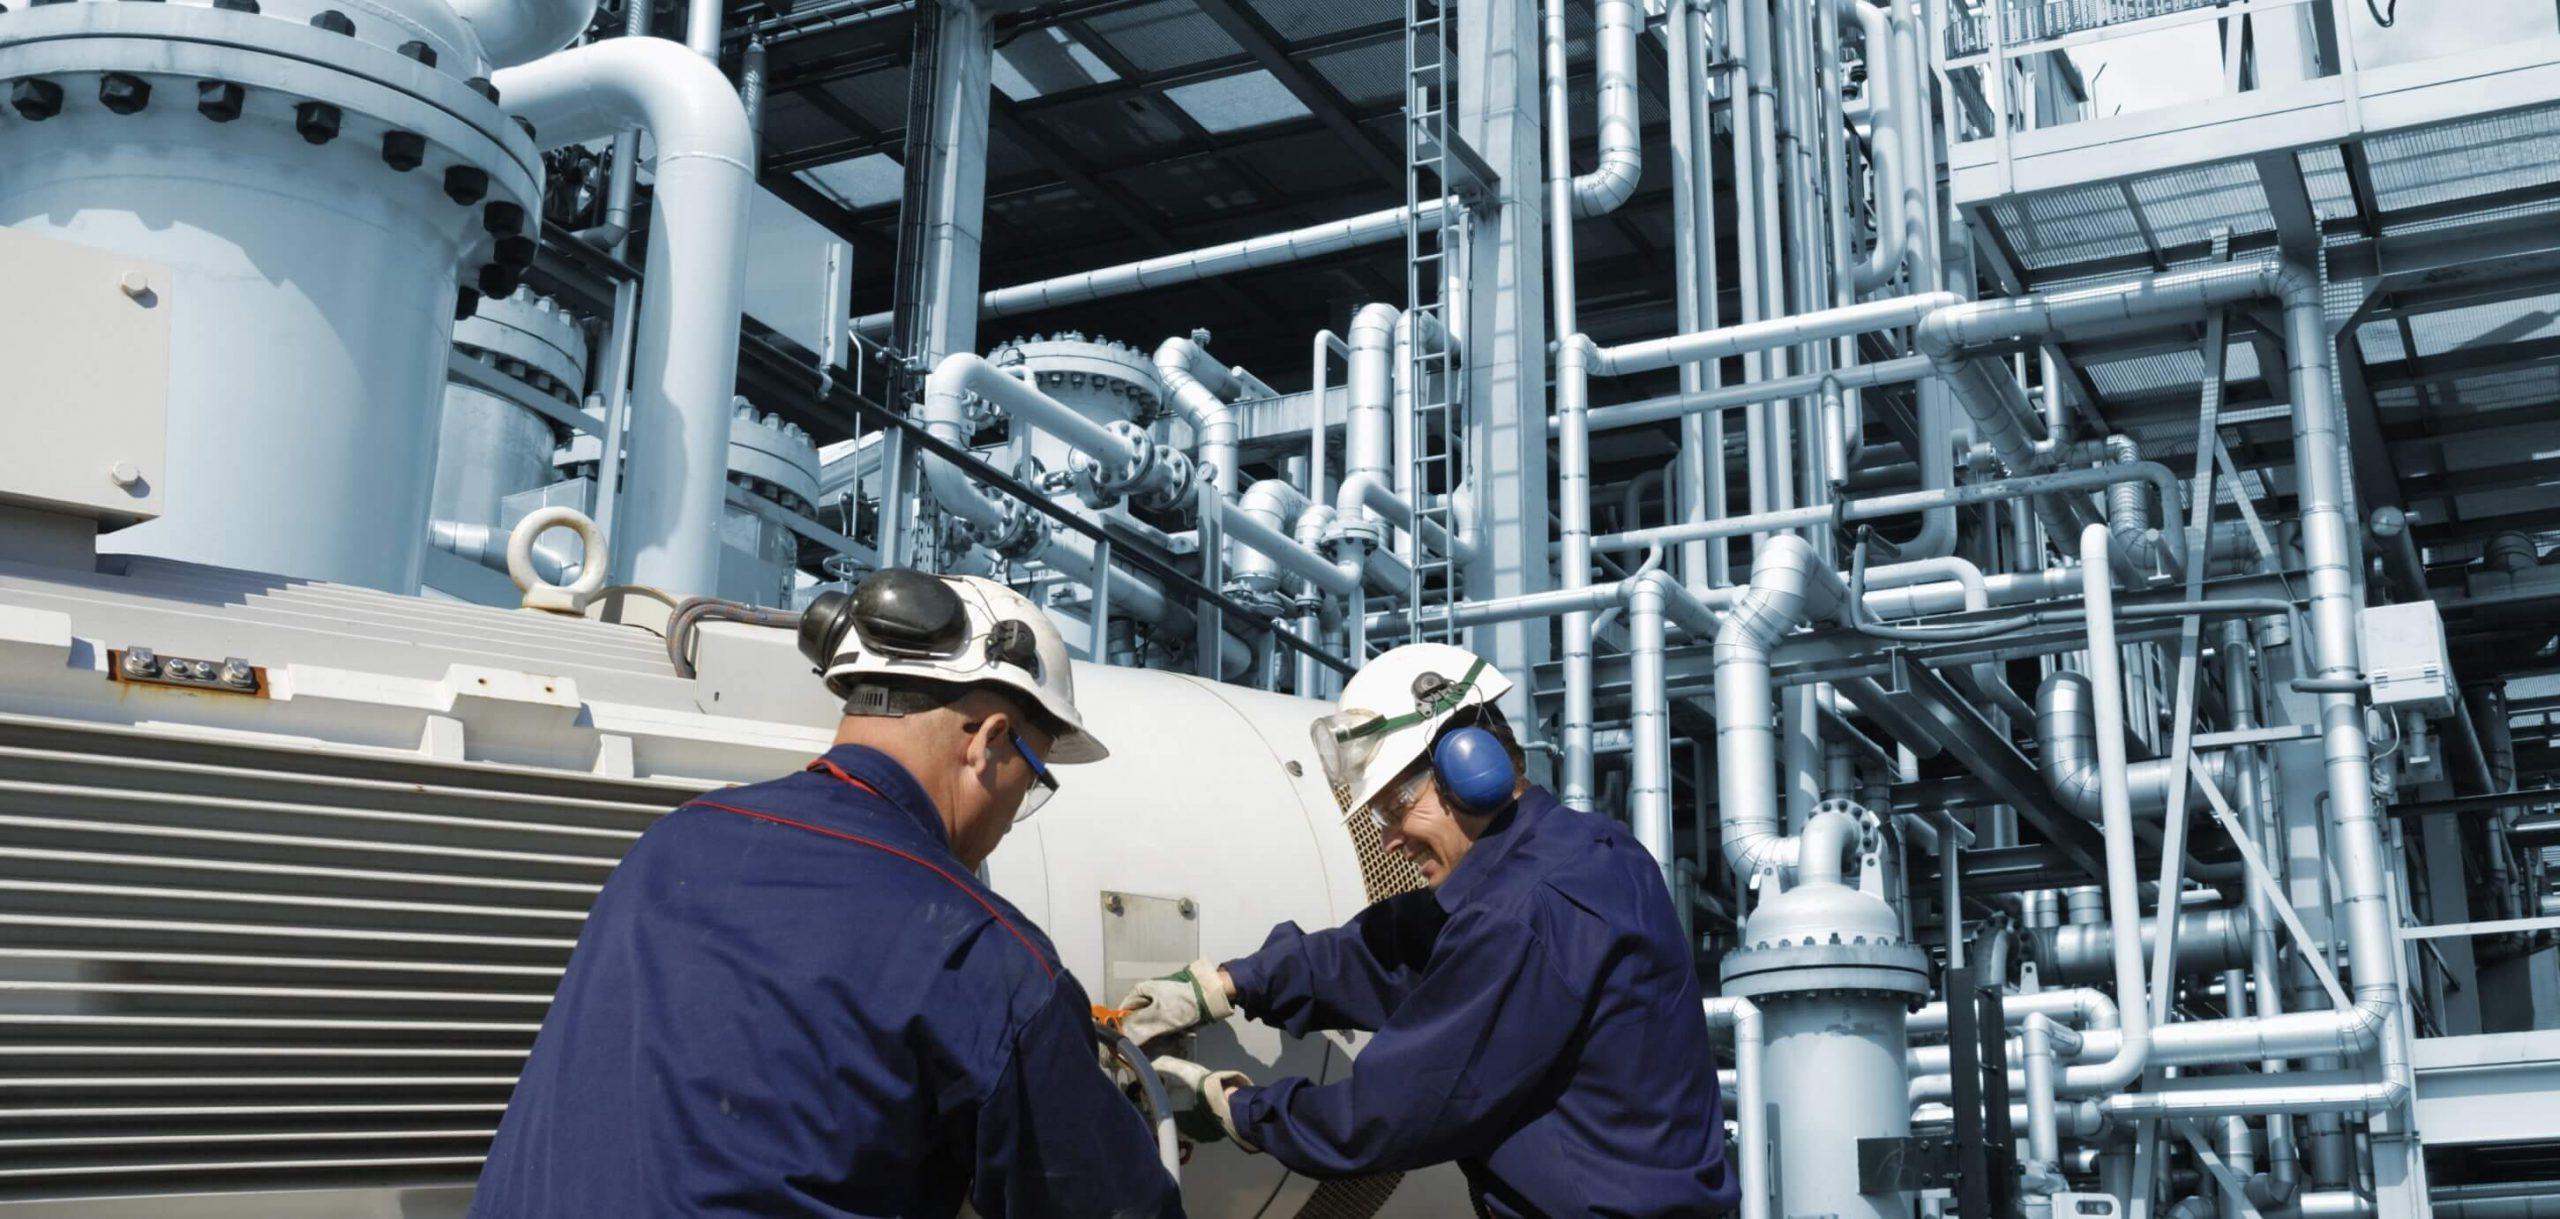 Servicio: Ingeniería, imagen 2 - López Urrutia